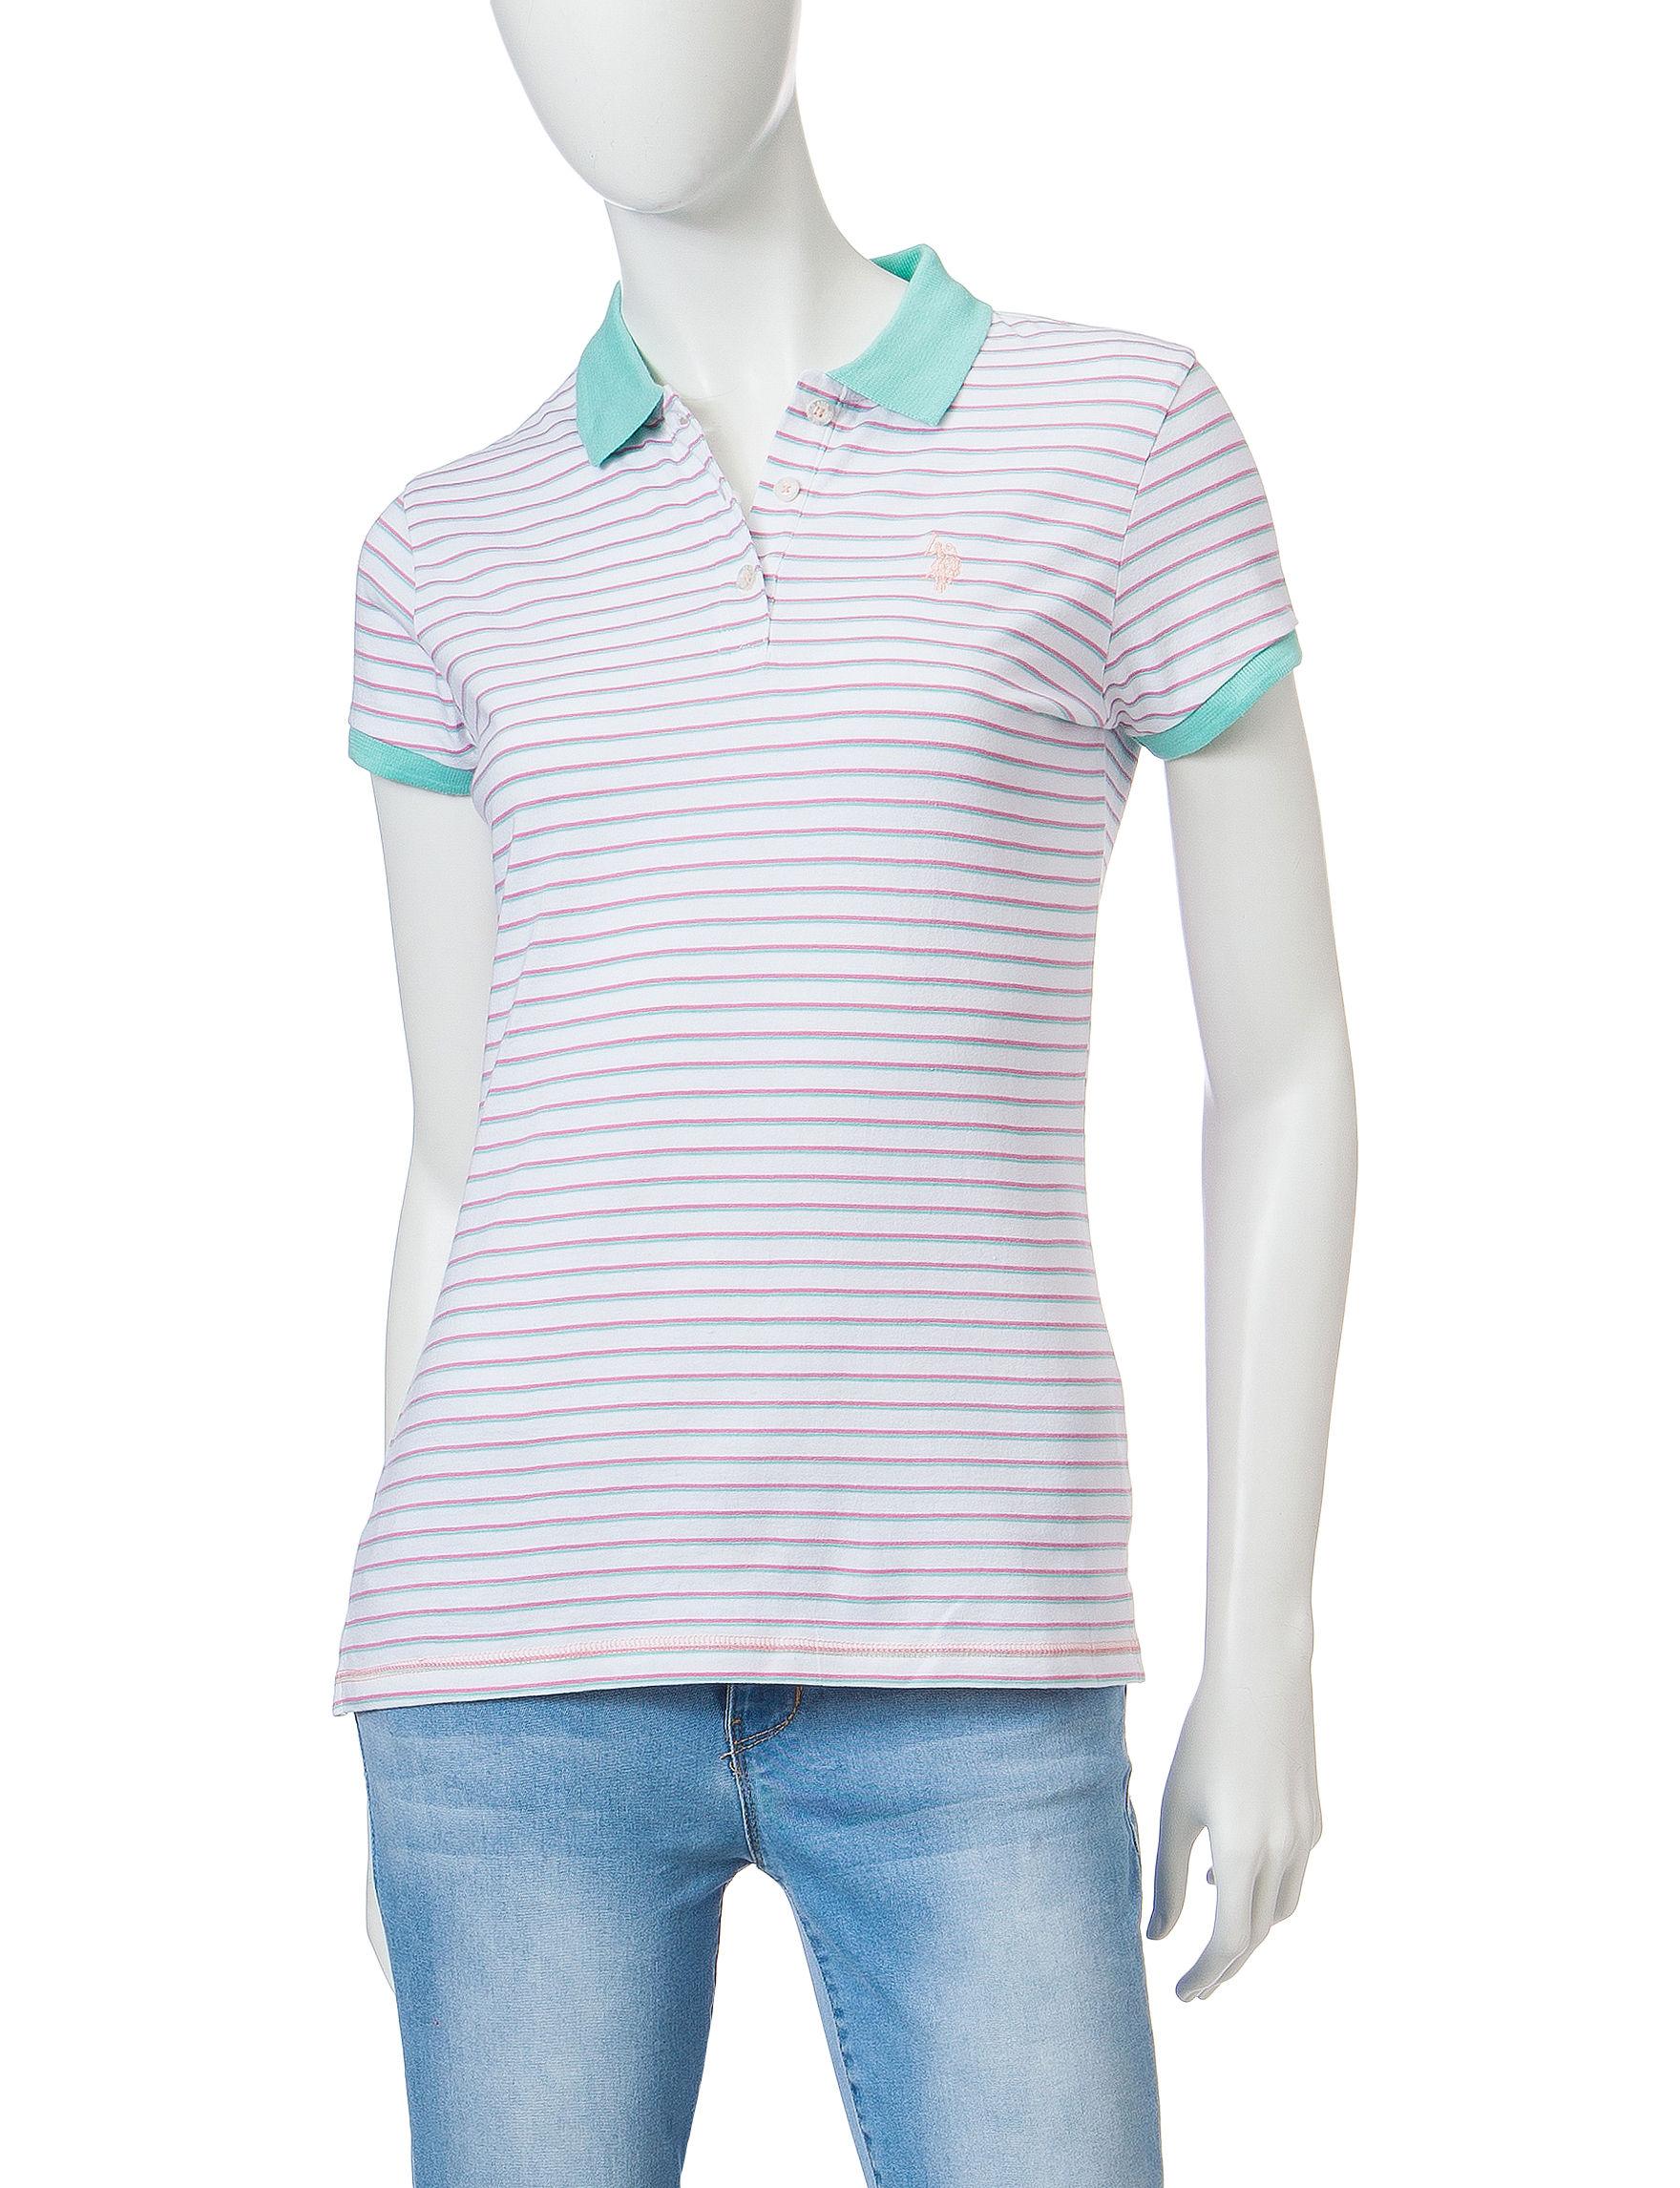 U.S. Polo Assn. Light Green Shirts & Blouses